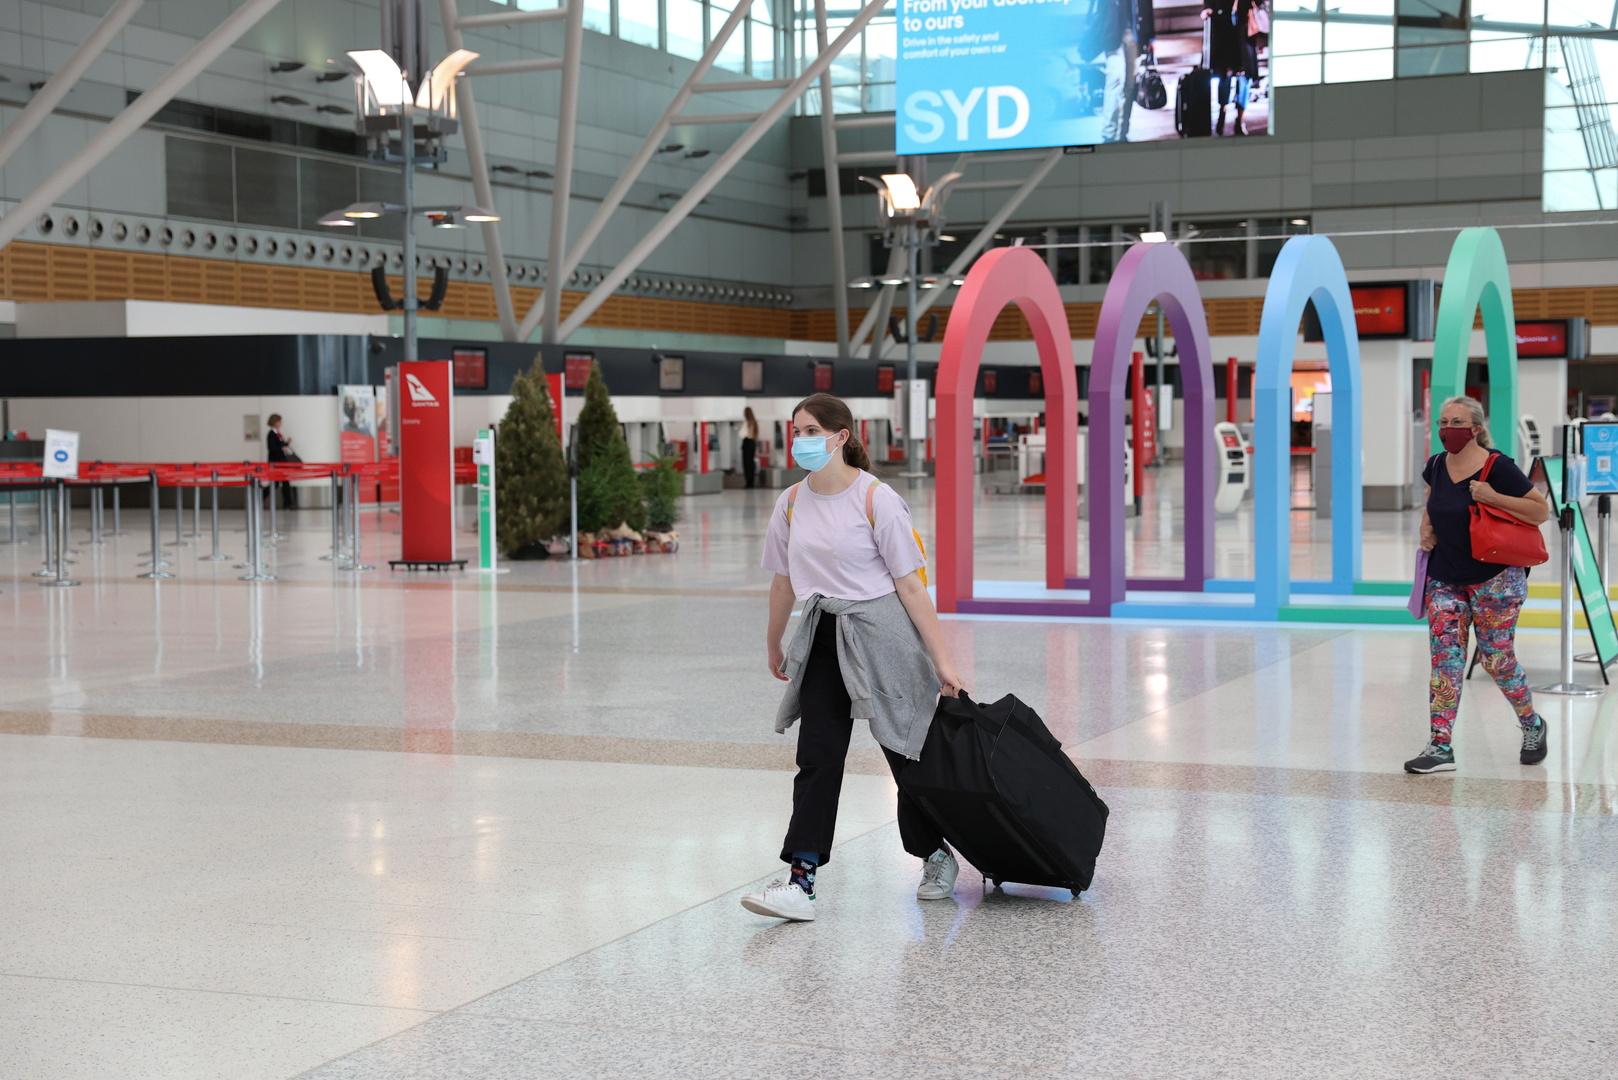 في مطار سيدني بأستراليا.